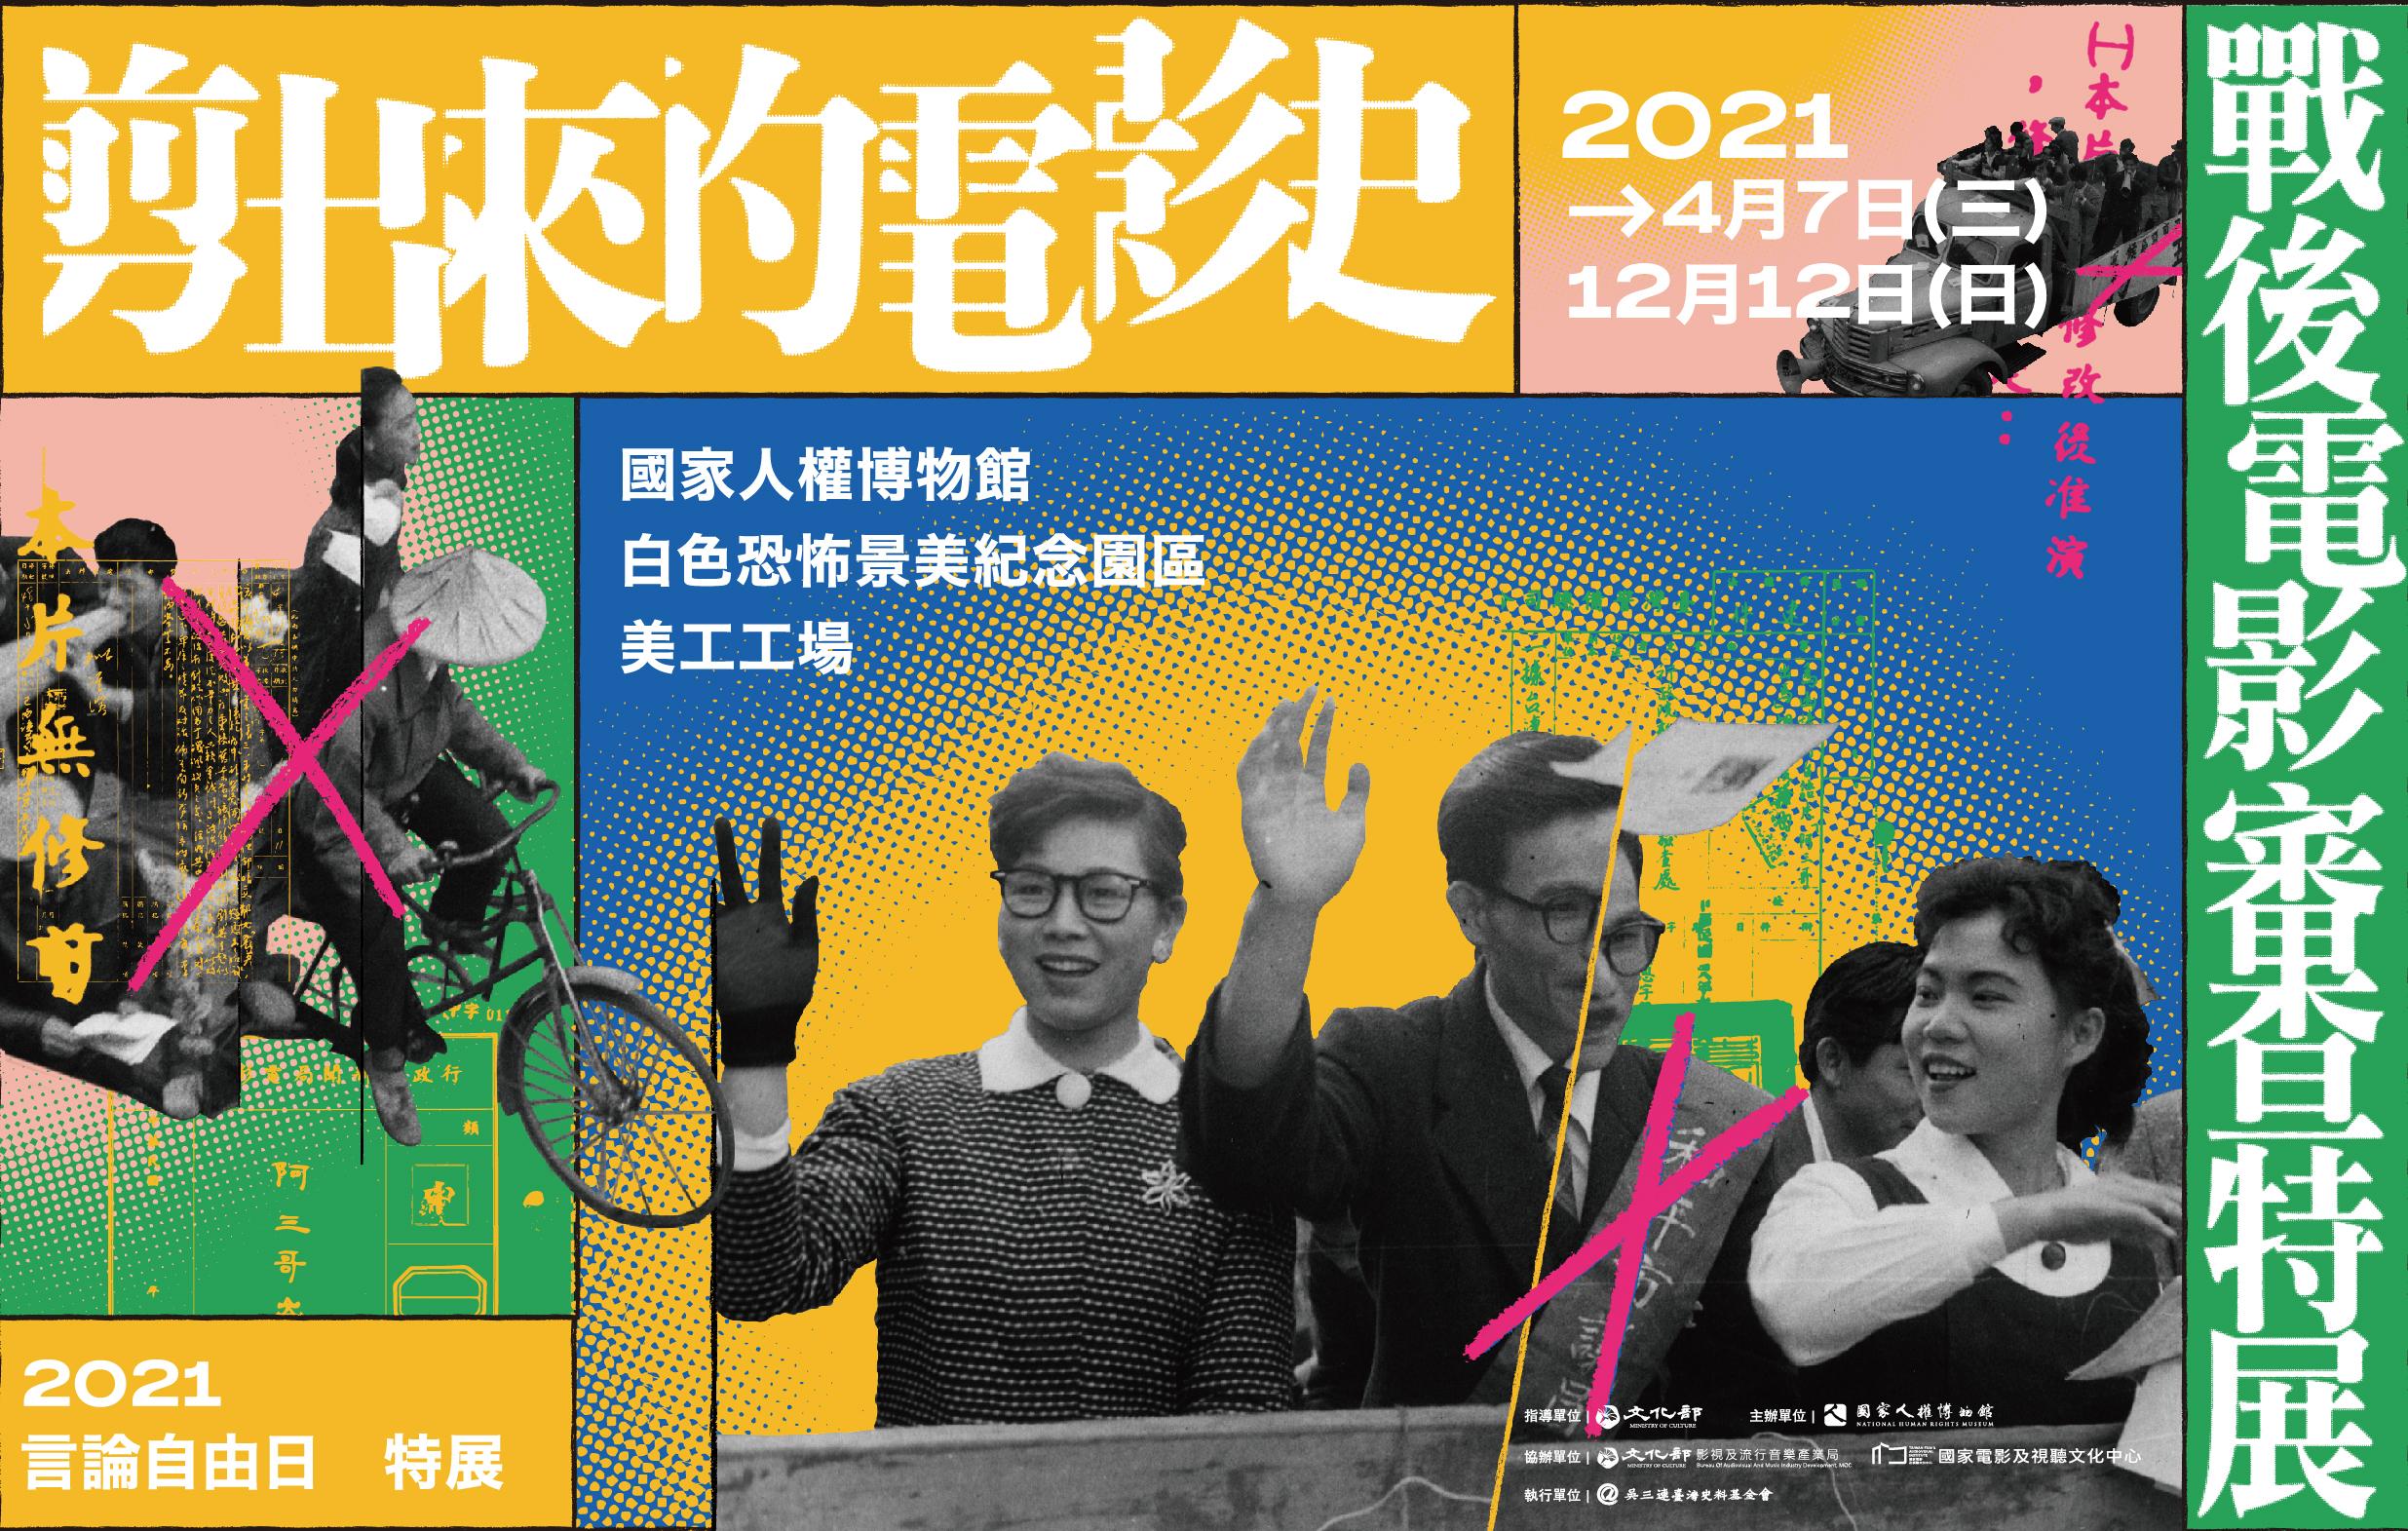 2021年言論自由日特展 「剪出來的電影史:戰後電影審查特展」